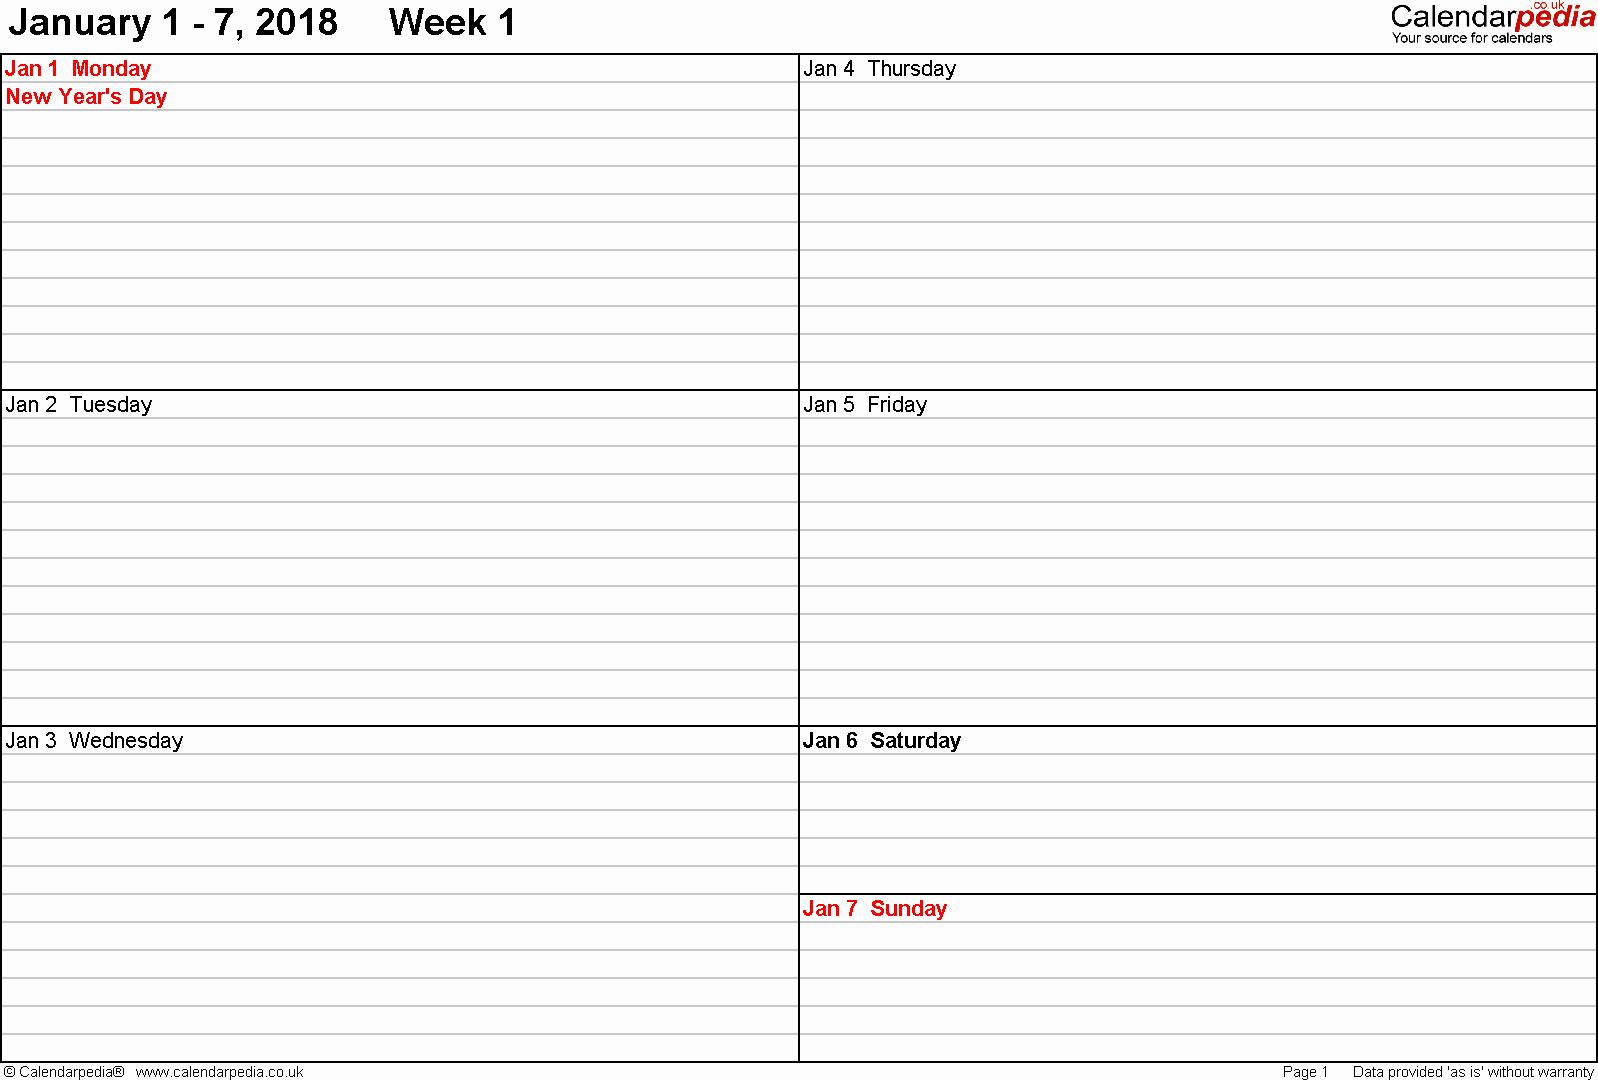 Free Printable Daily Calendar 2018 Best Of 2018 Weekly Printable Calendar